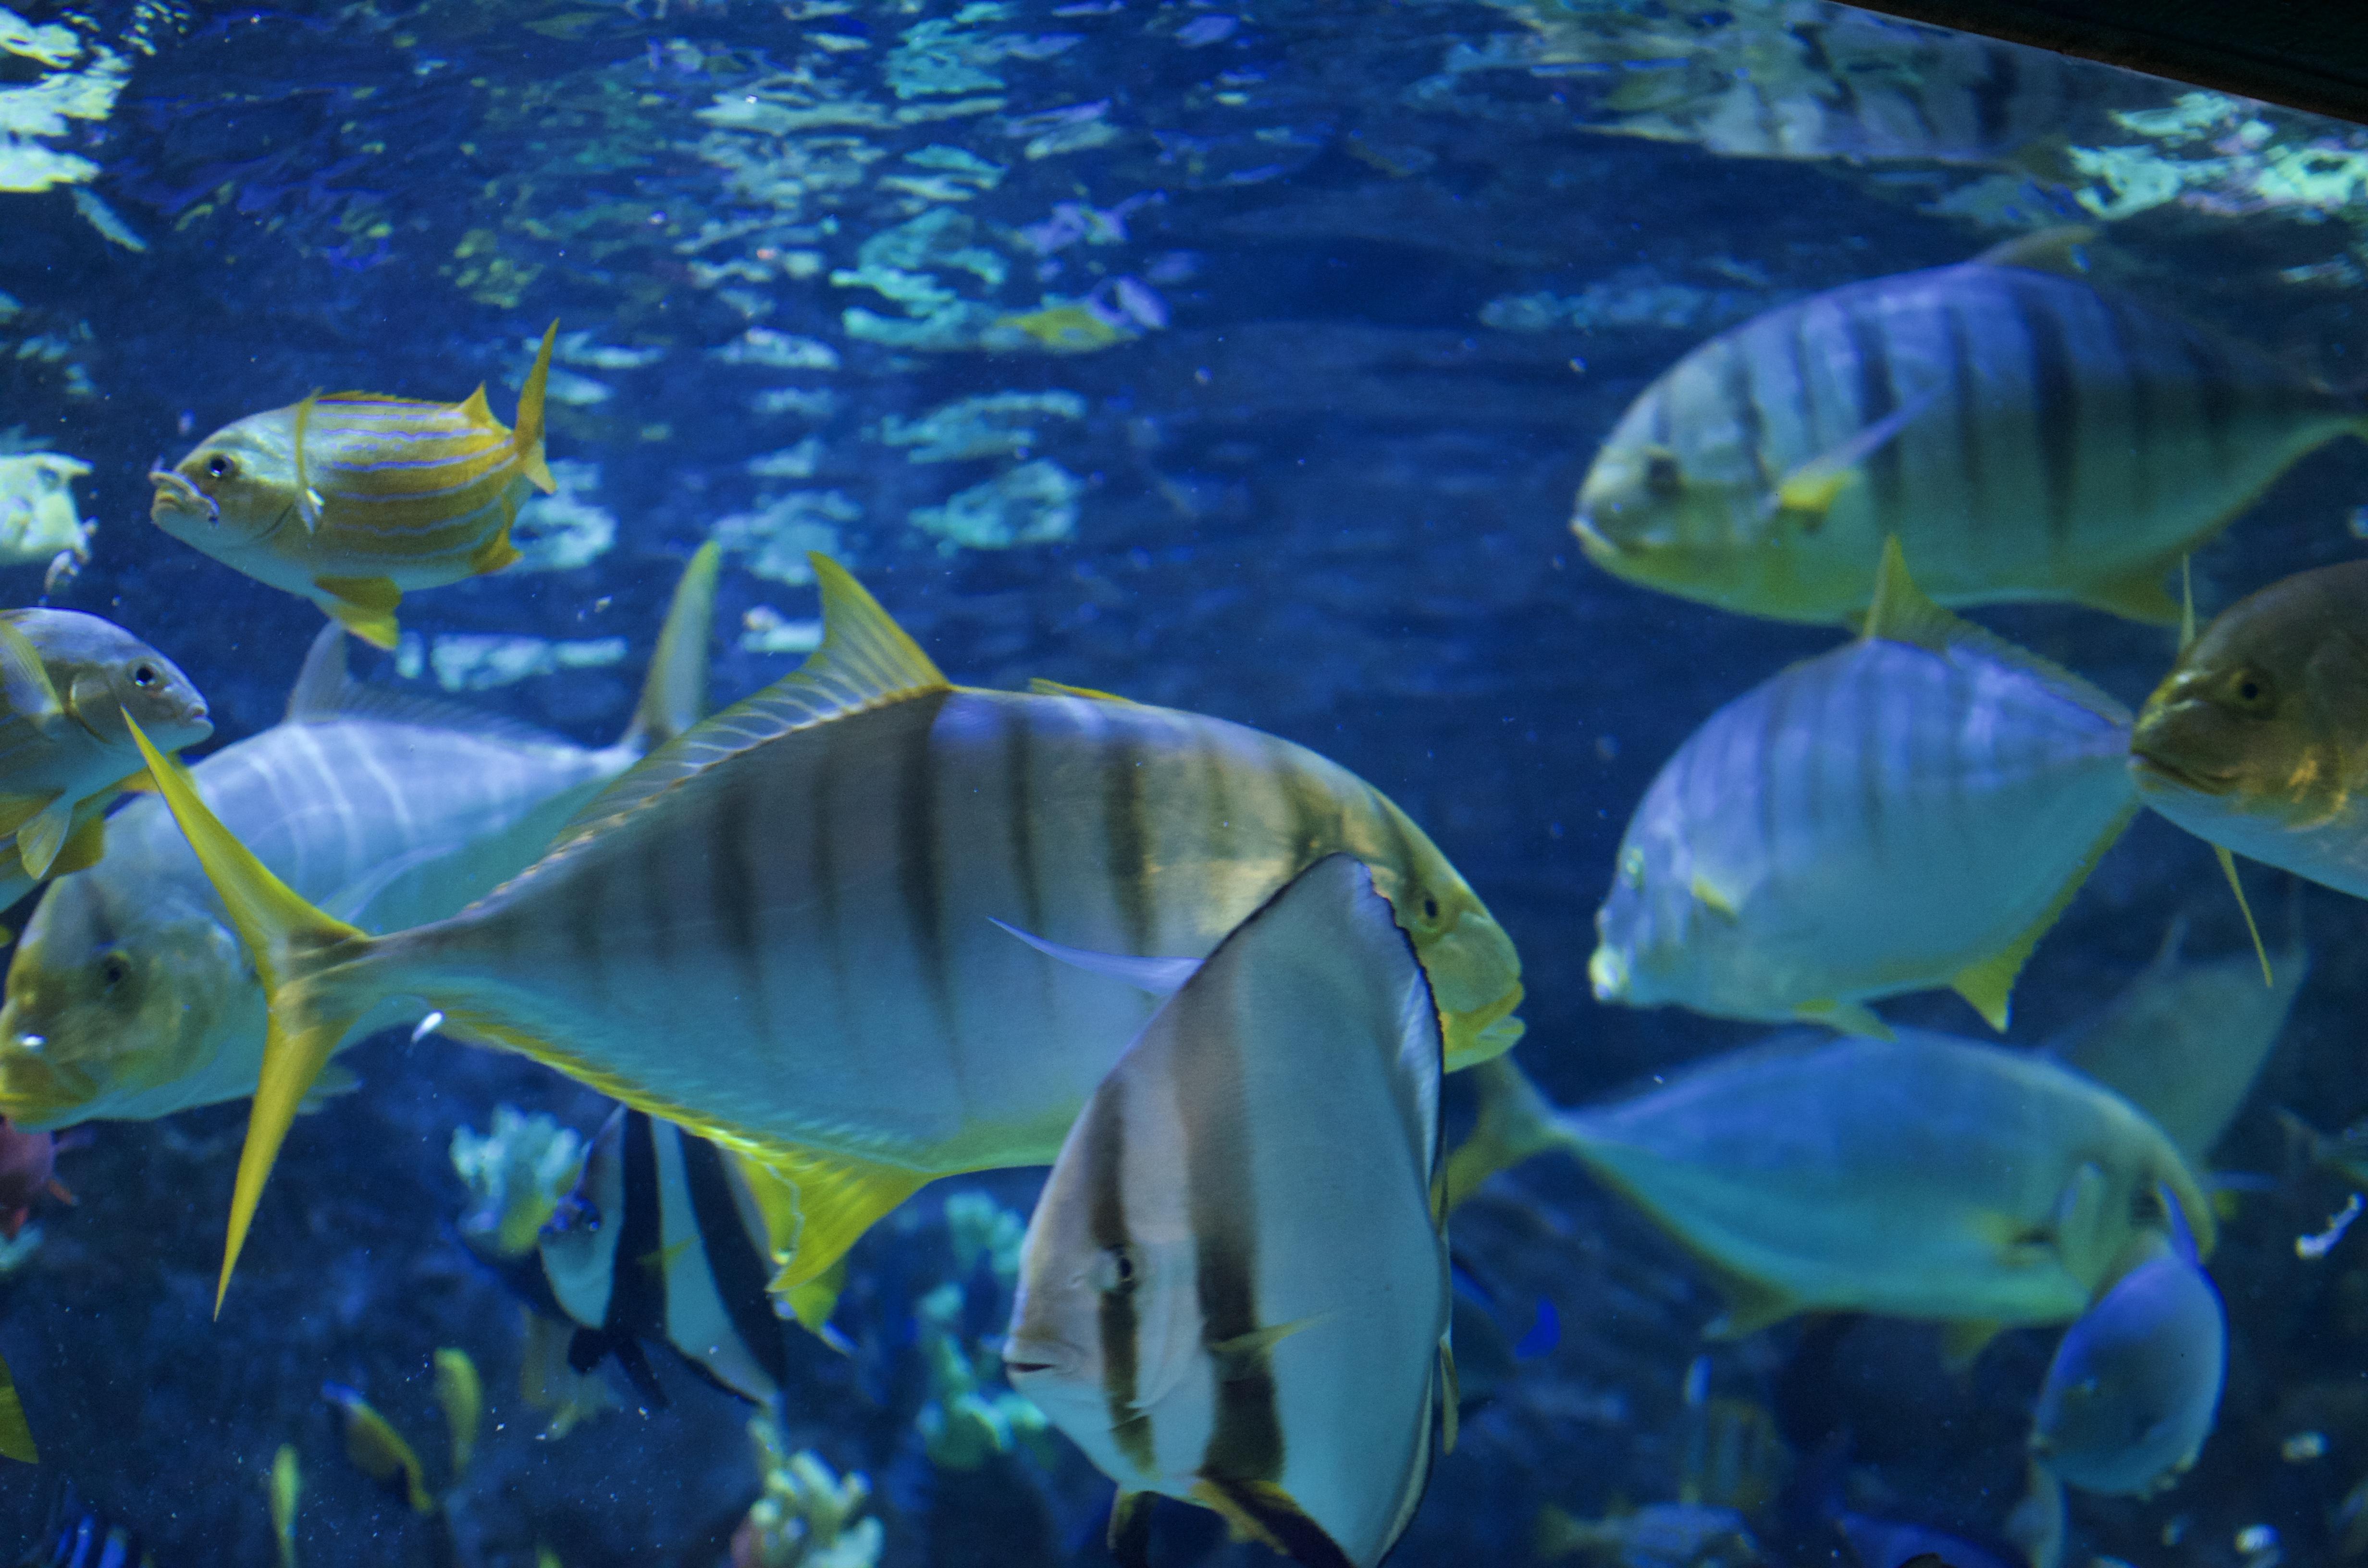 Tivoli Gardens aquarium